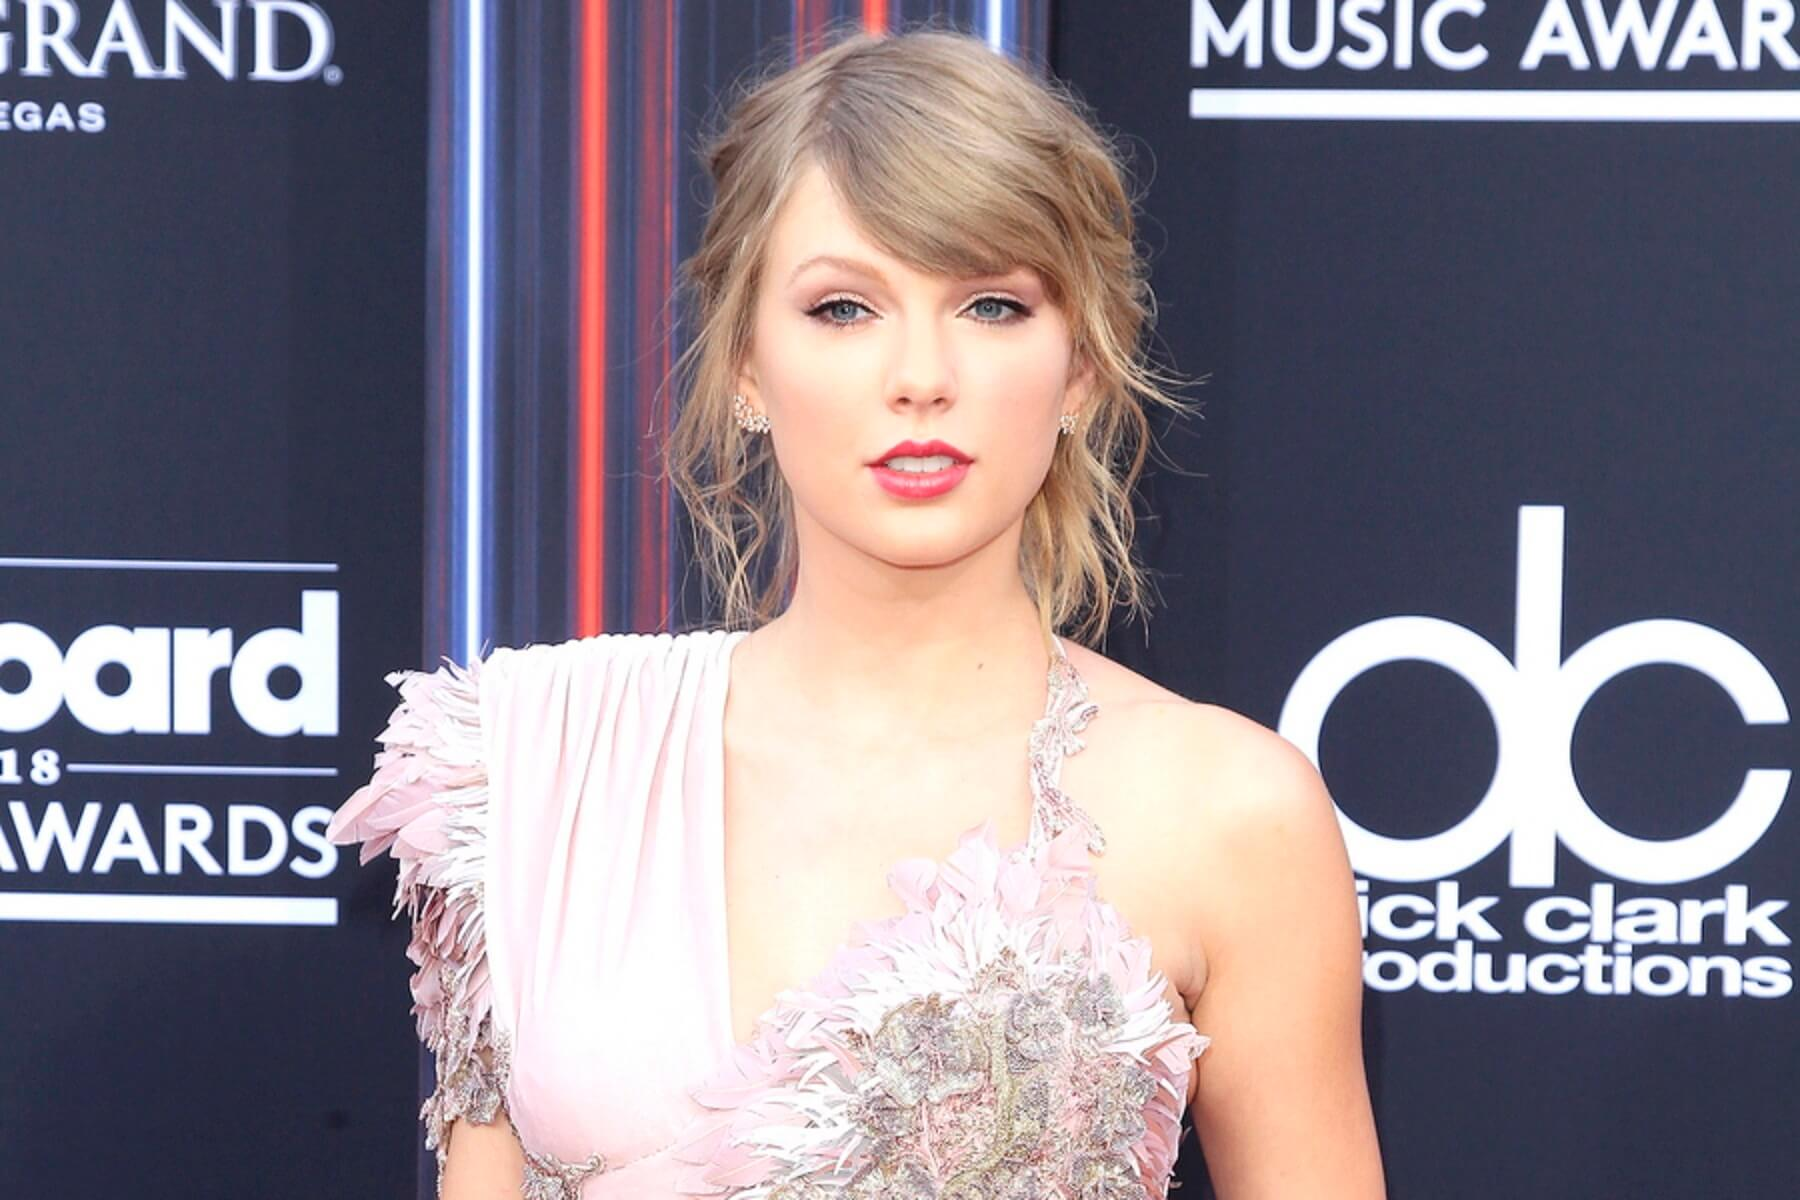 Έχει βρει τον μπελά της η Taylor Swift! Ξαναχτύπησε ο εμμονικός θαυμαστής και διέρρηξε το σπίτι της!